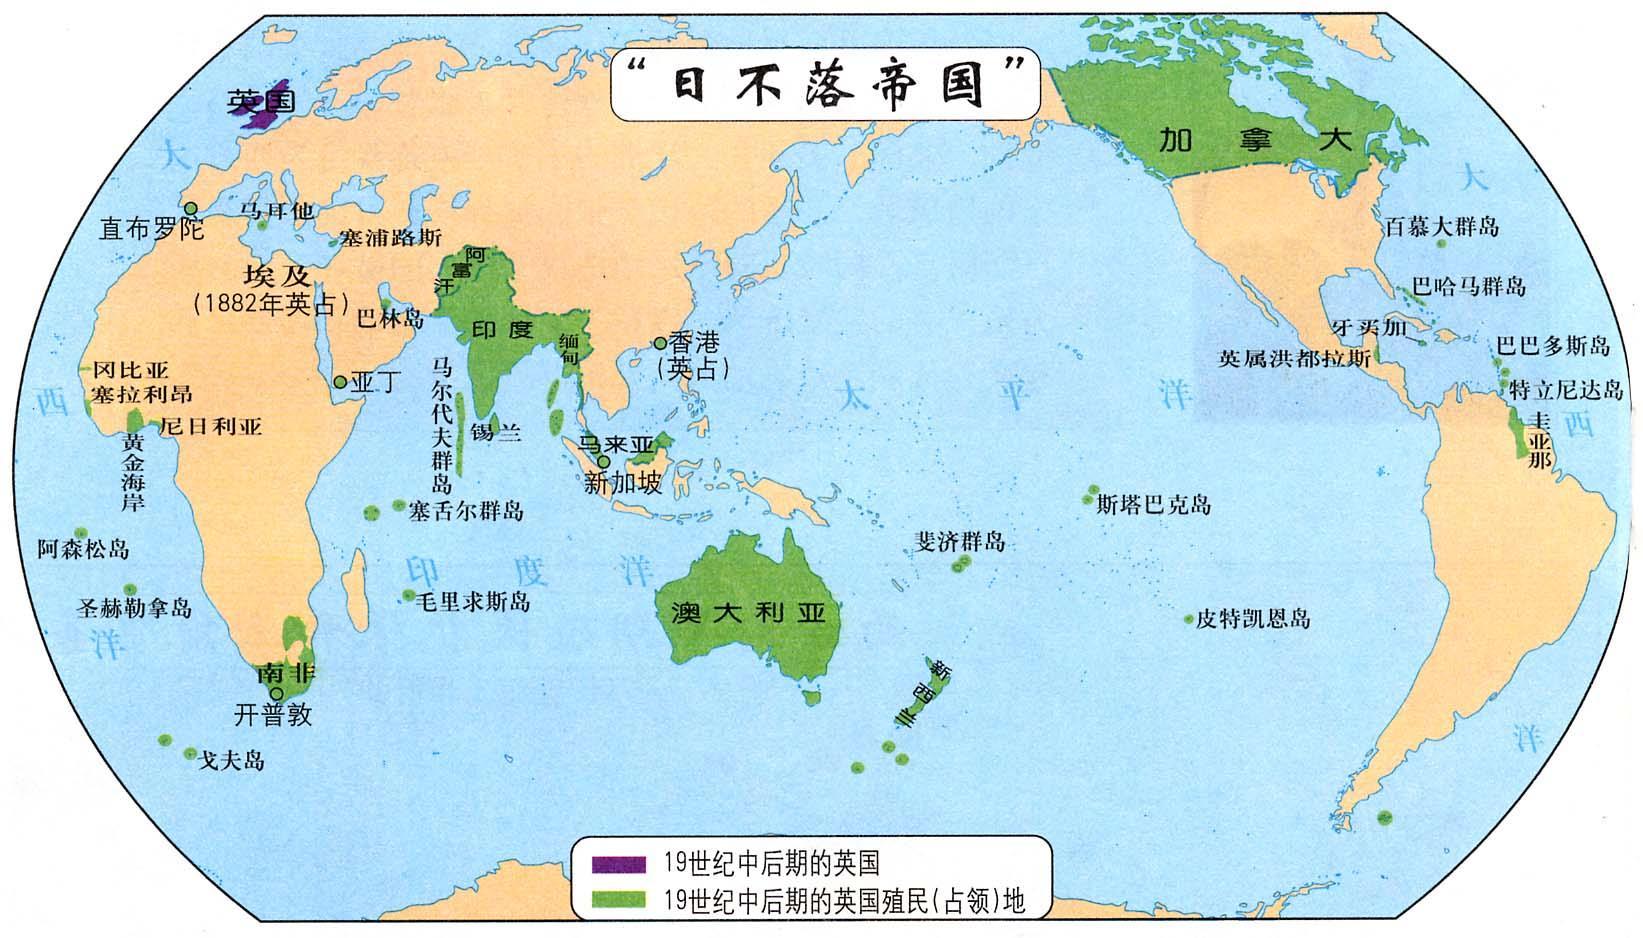 鸦片战争前中国和英国的对比图片